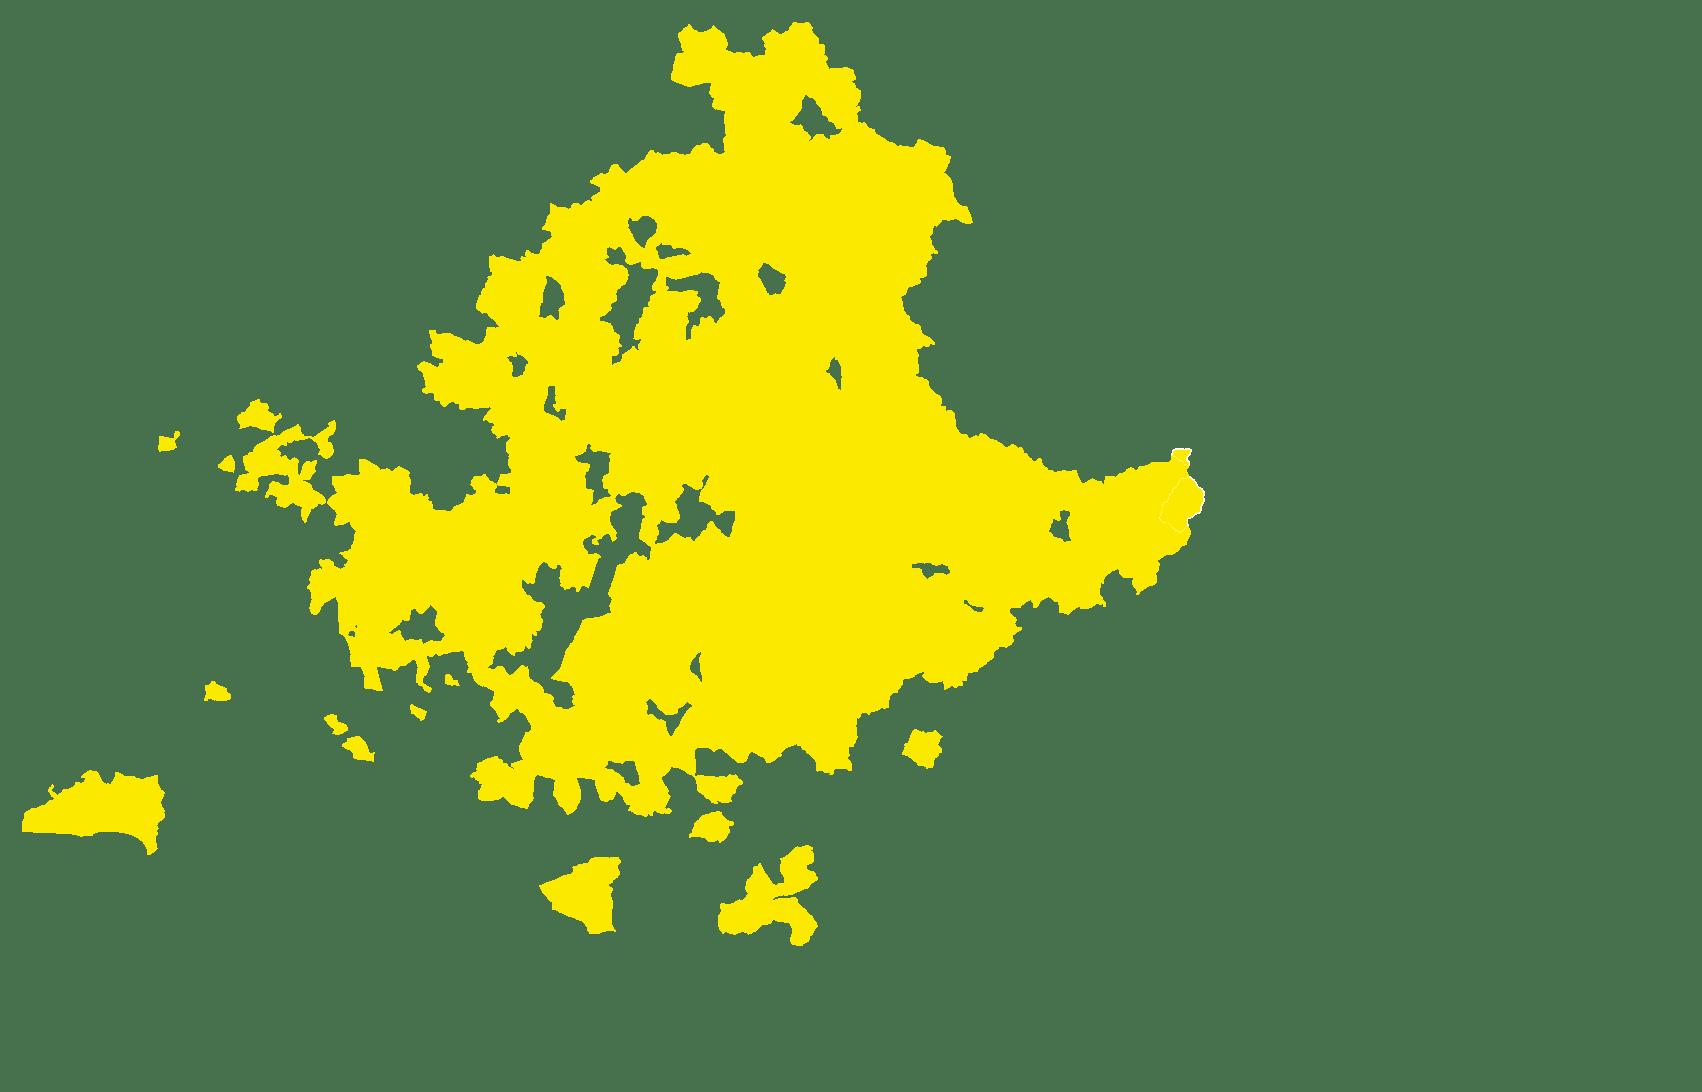 faible densité de population